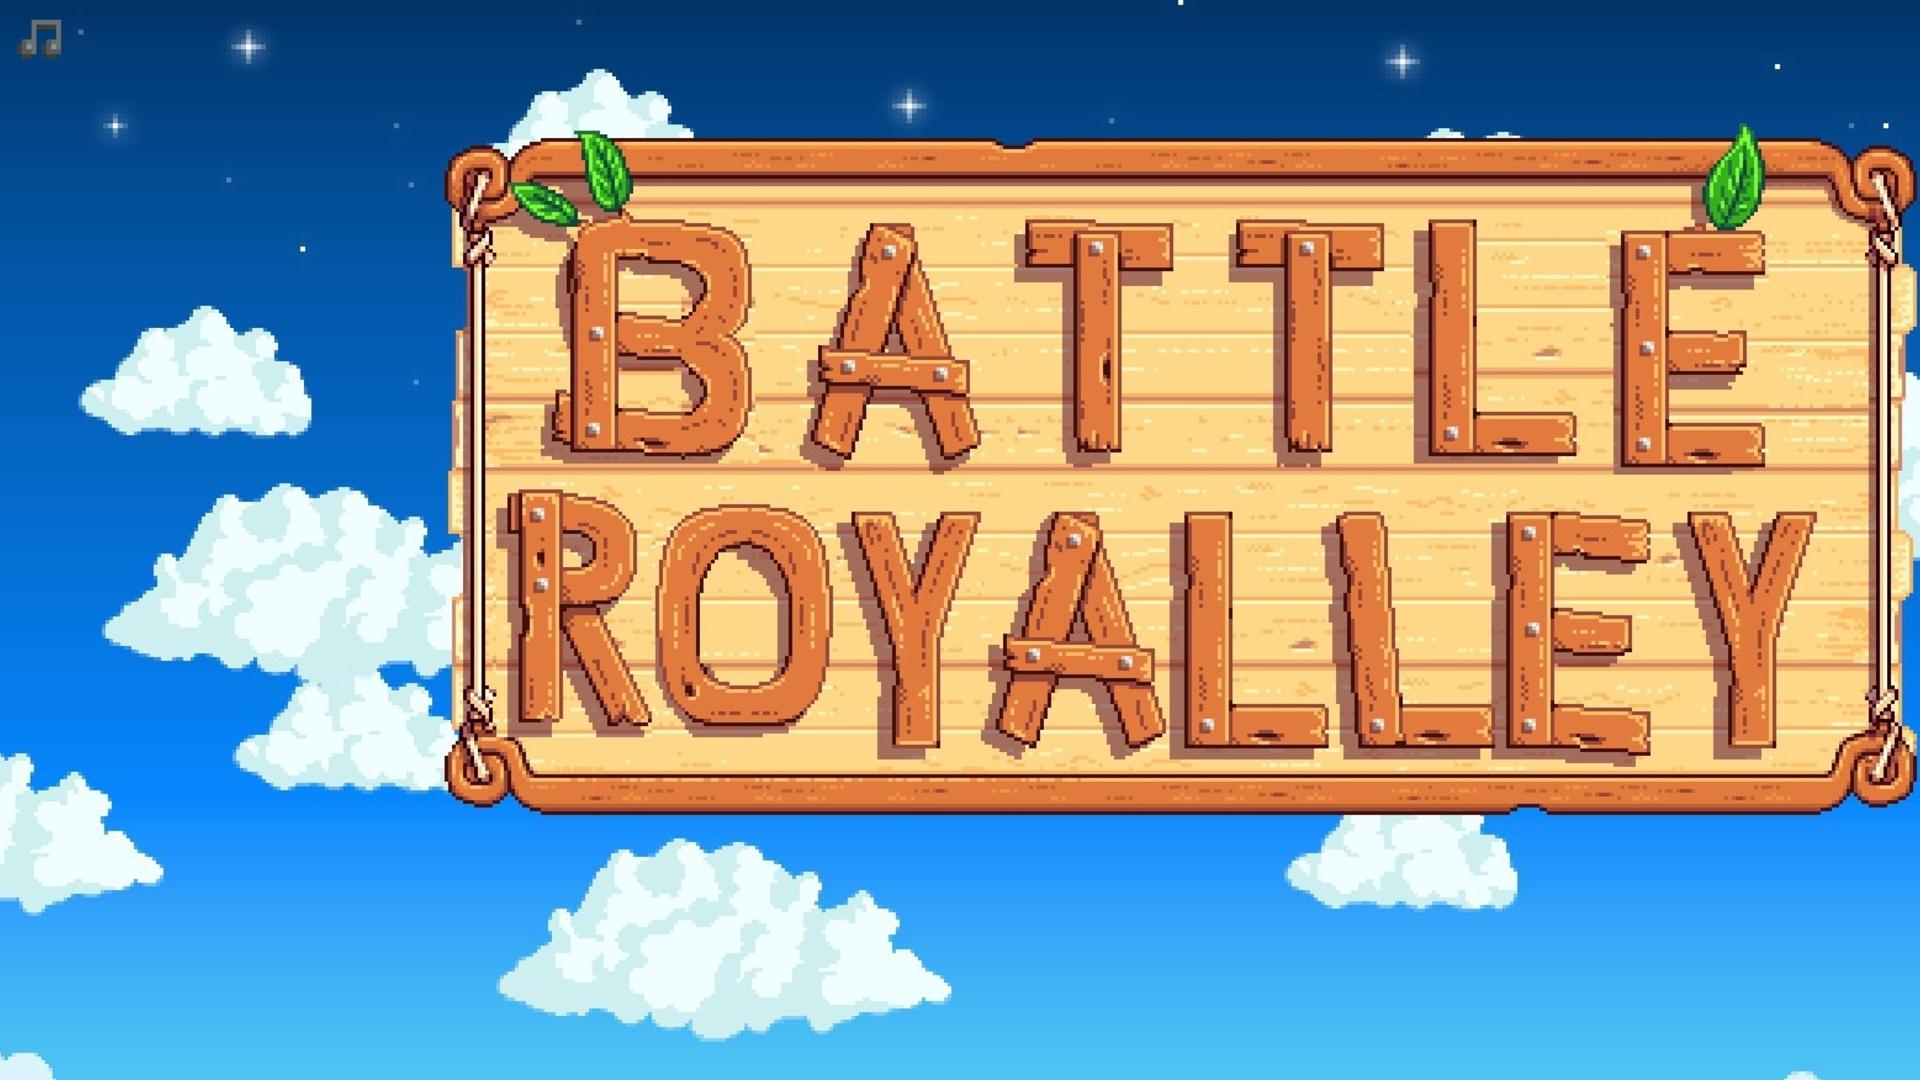 stardew-valley-se-convierte-en-battle-royale-gracias-a-un-mod-frikigamers.com